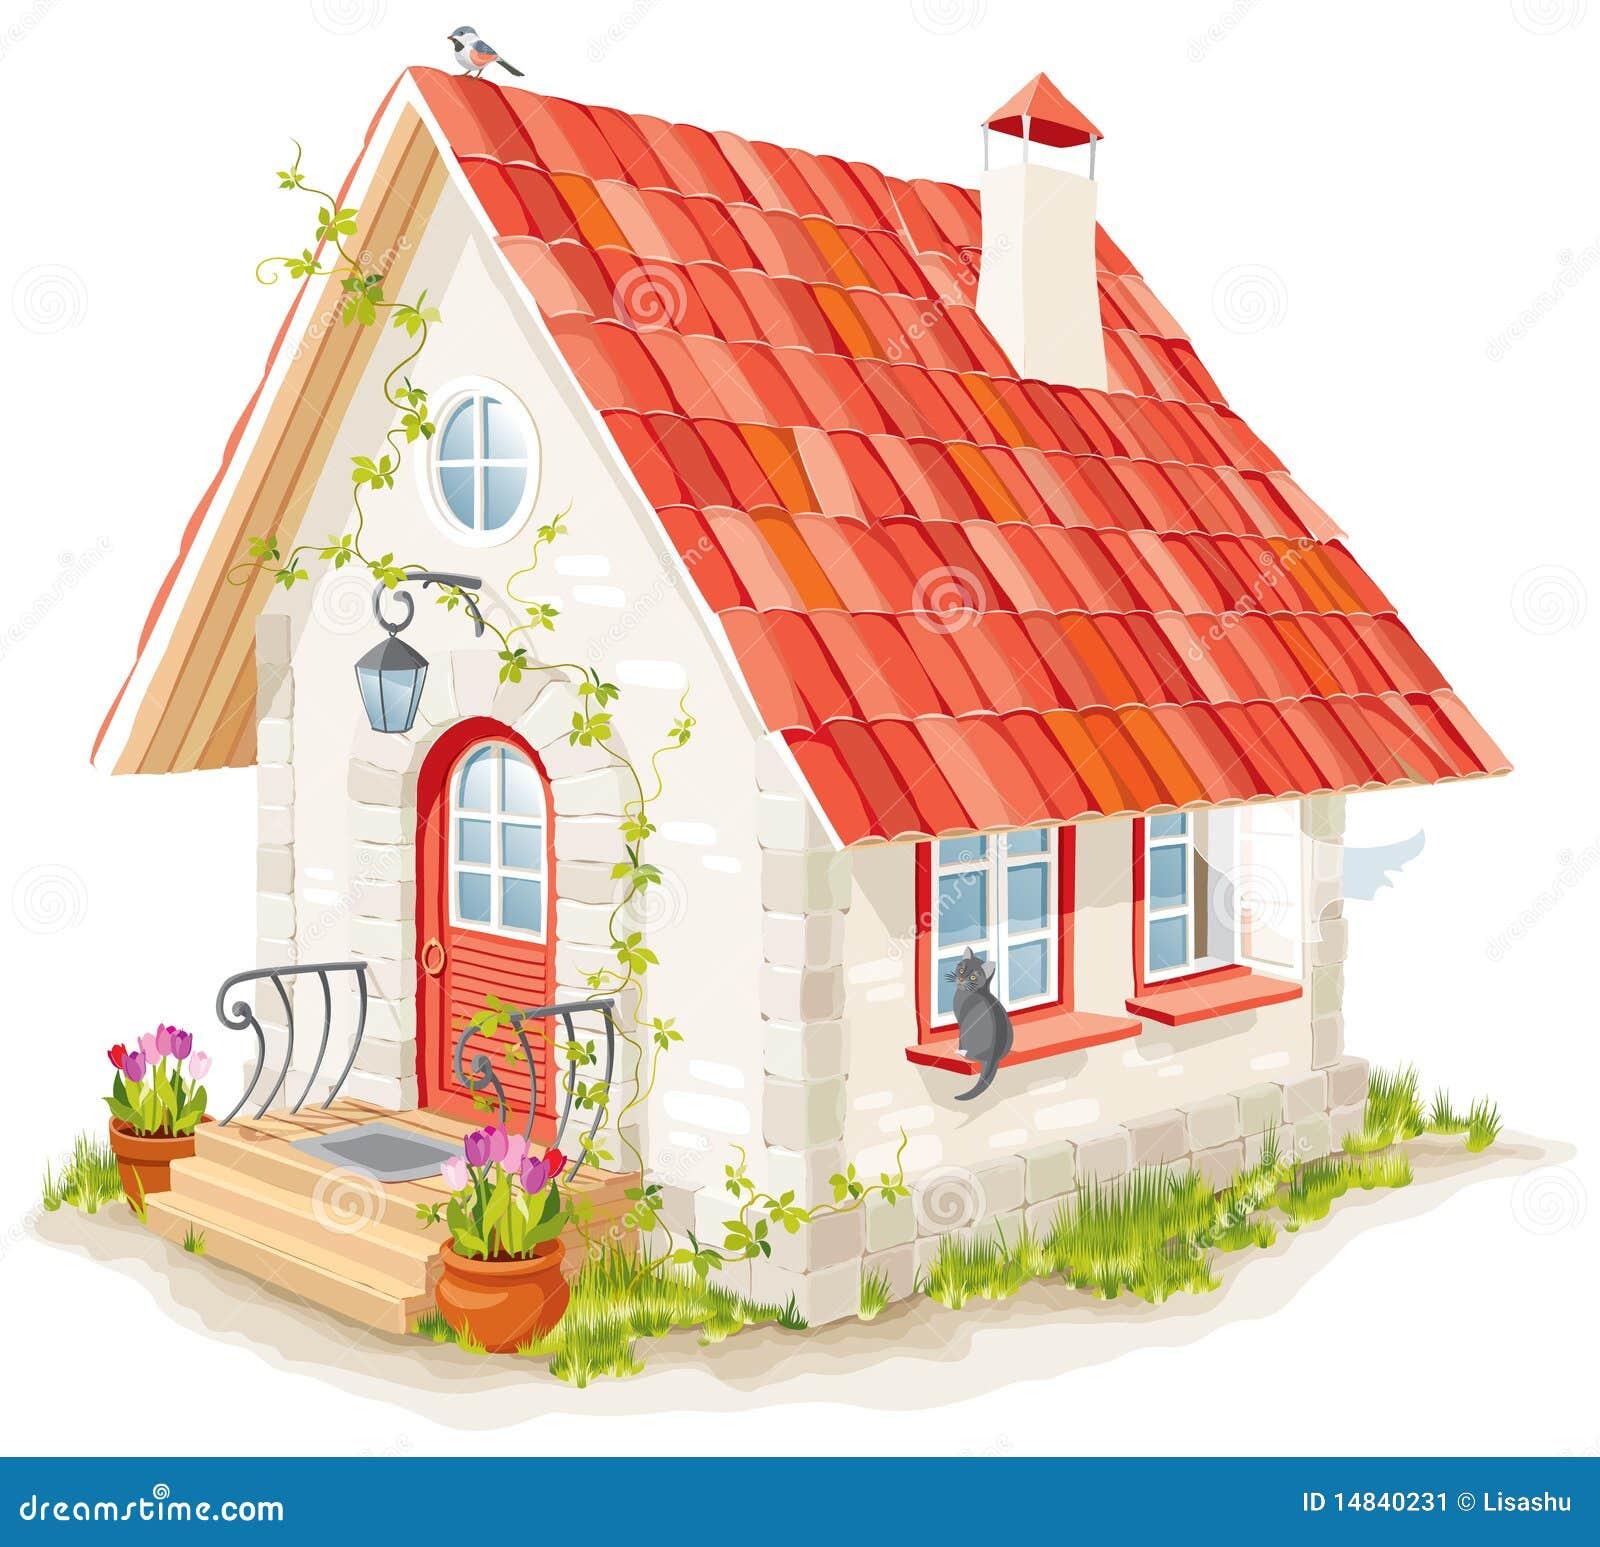 Petite maison f erique image stock image 14840231 for Concepteurs de maison